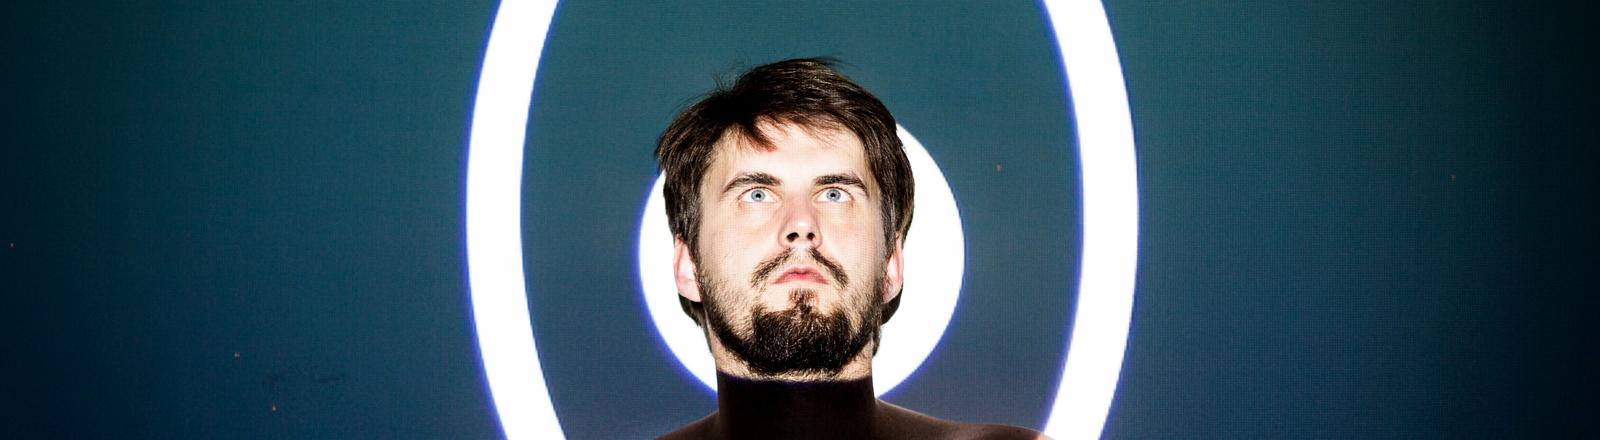 Ein Mann wird von zwei hellen Kreisen quasi durchleuchtet.